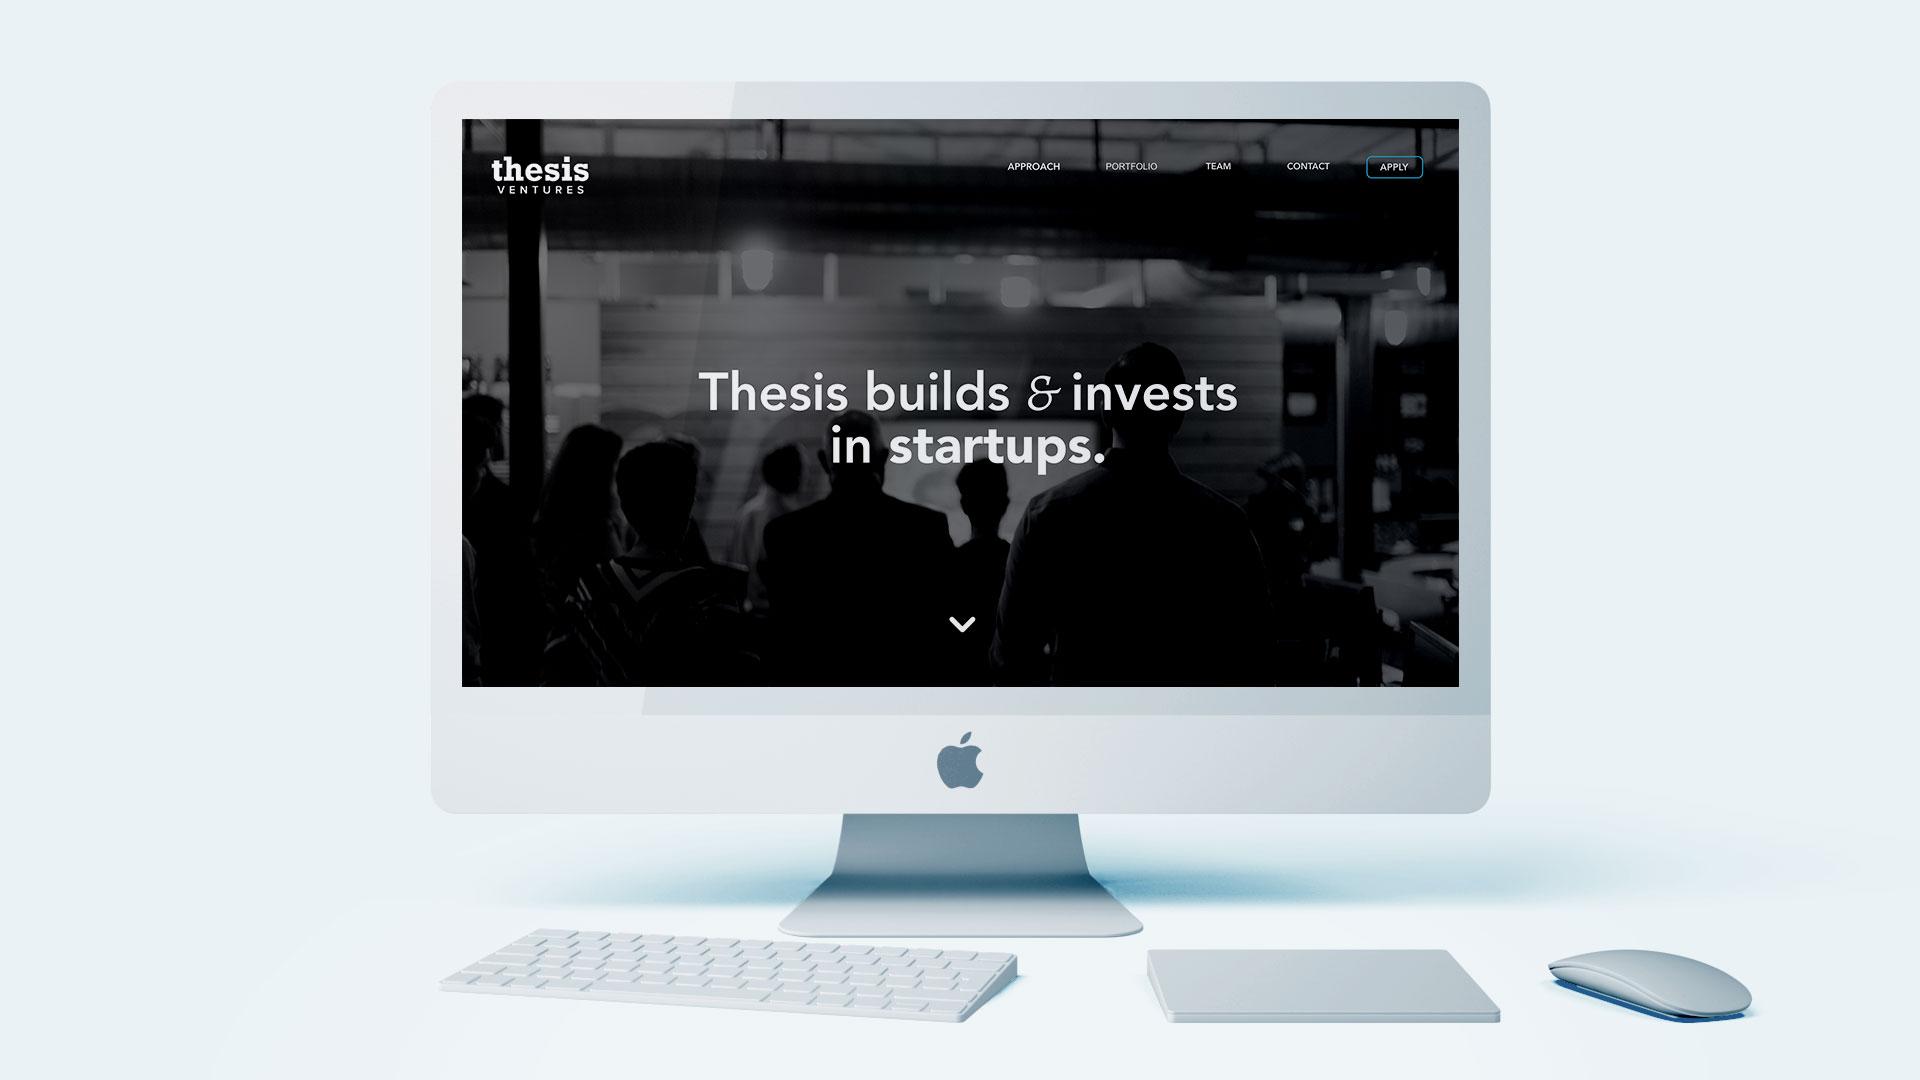 iMac_thesis-1